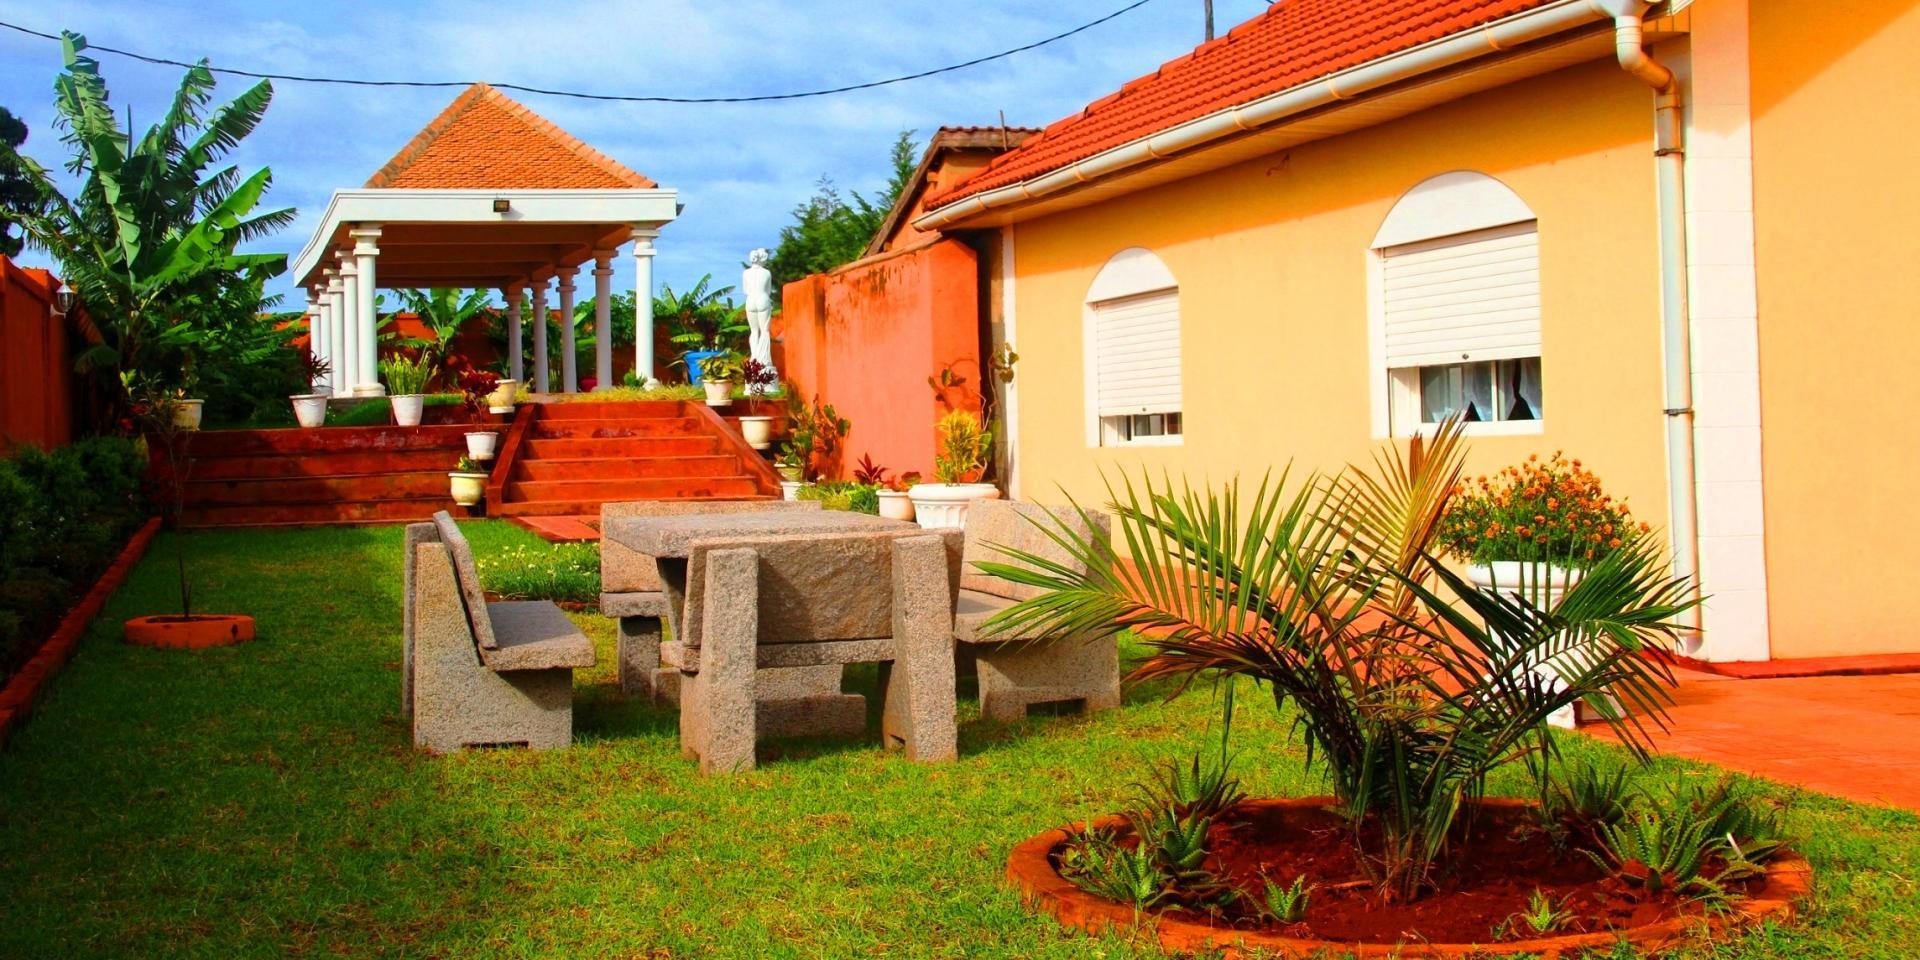 Villa tana 2 exterieur 1